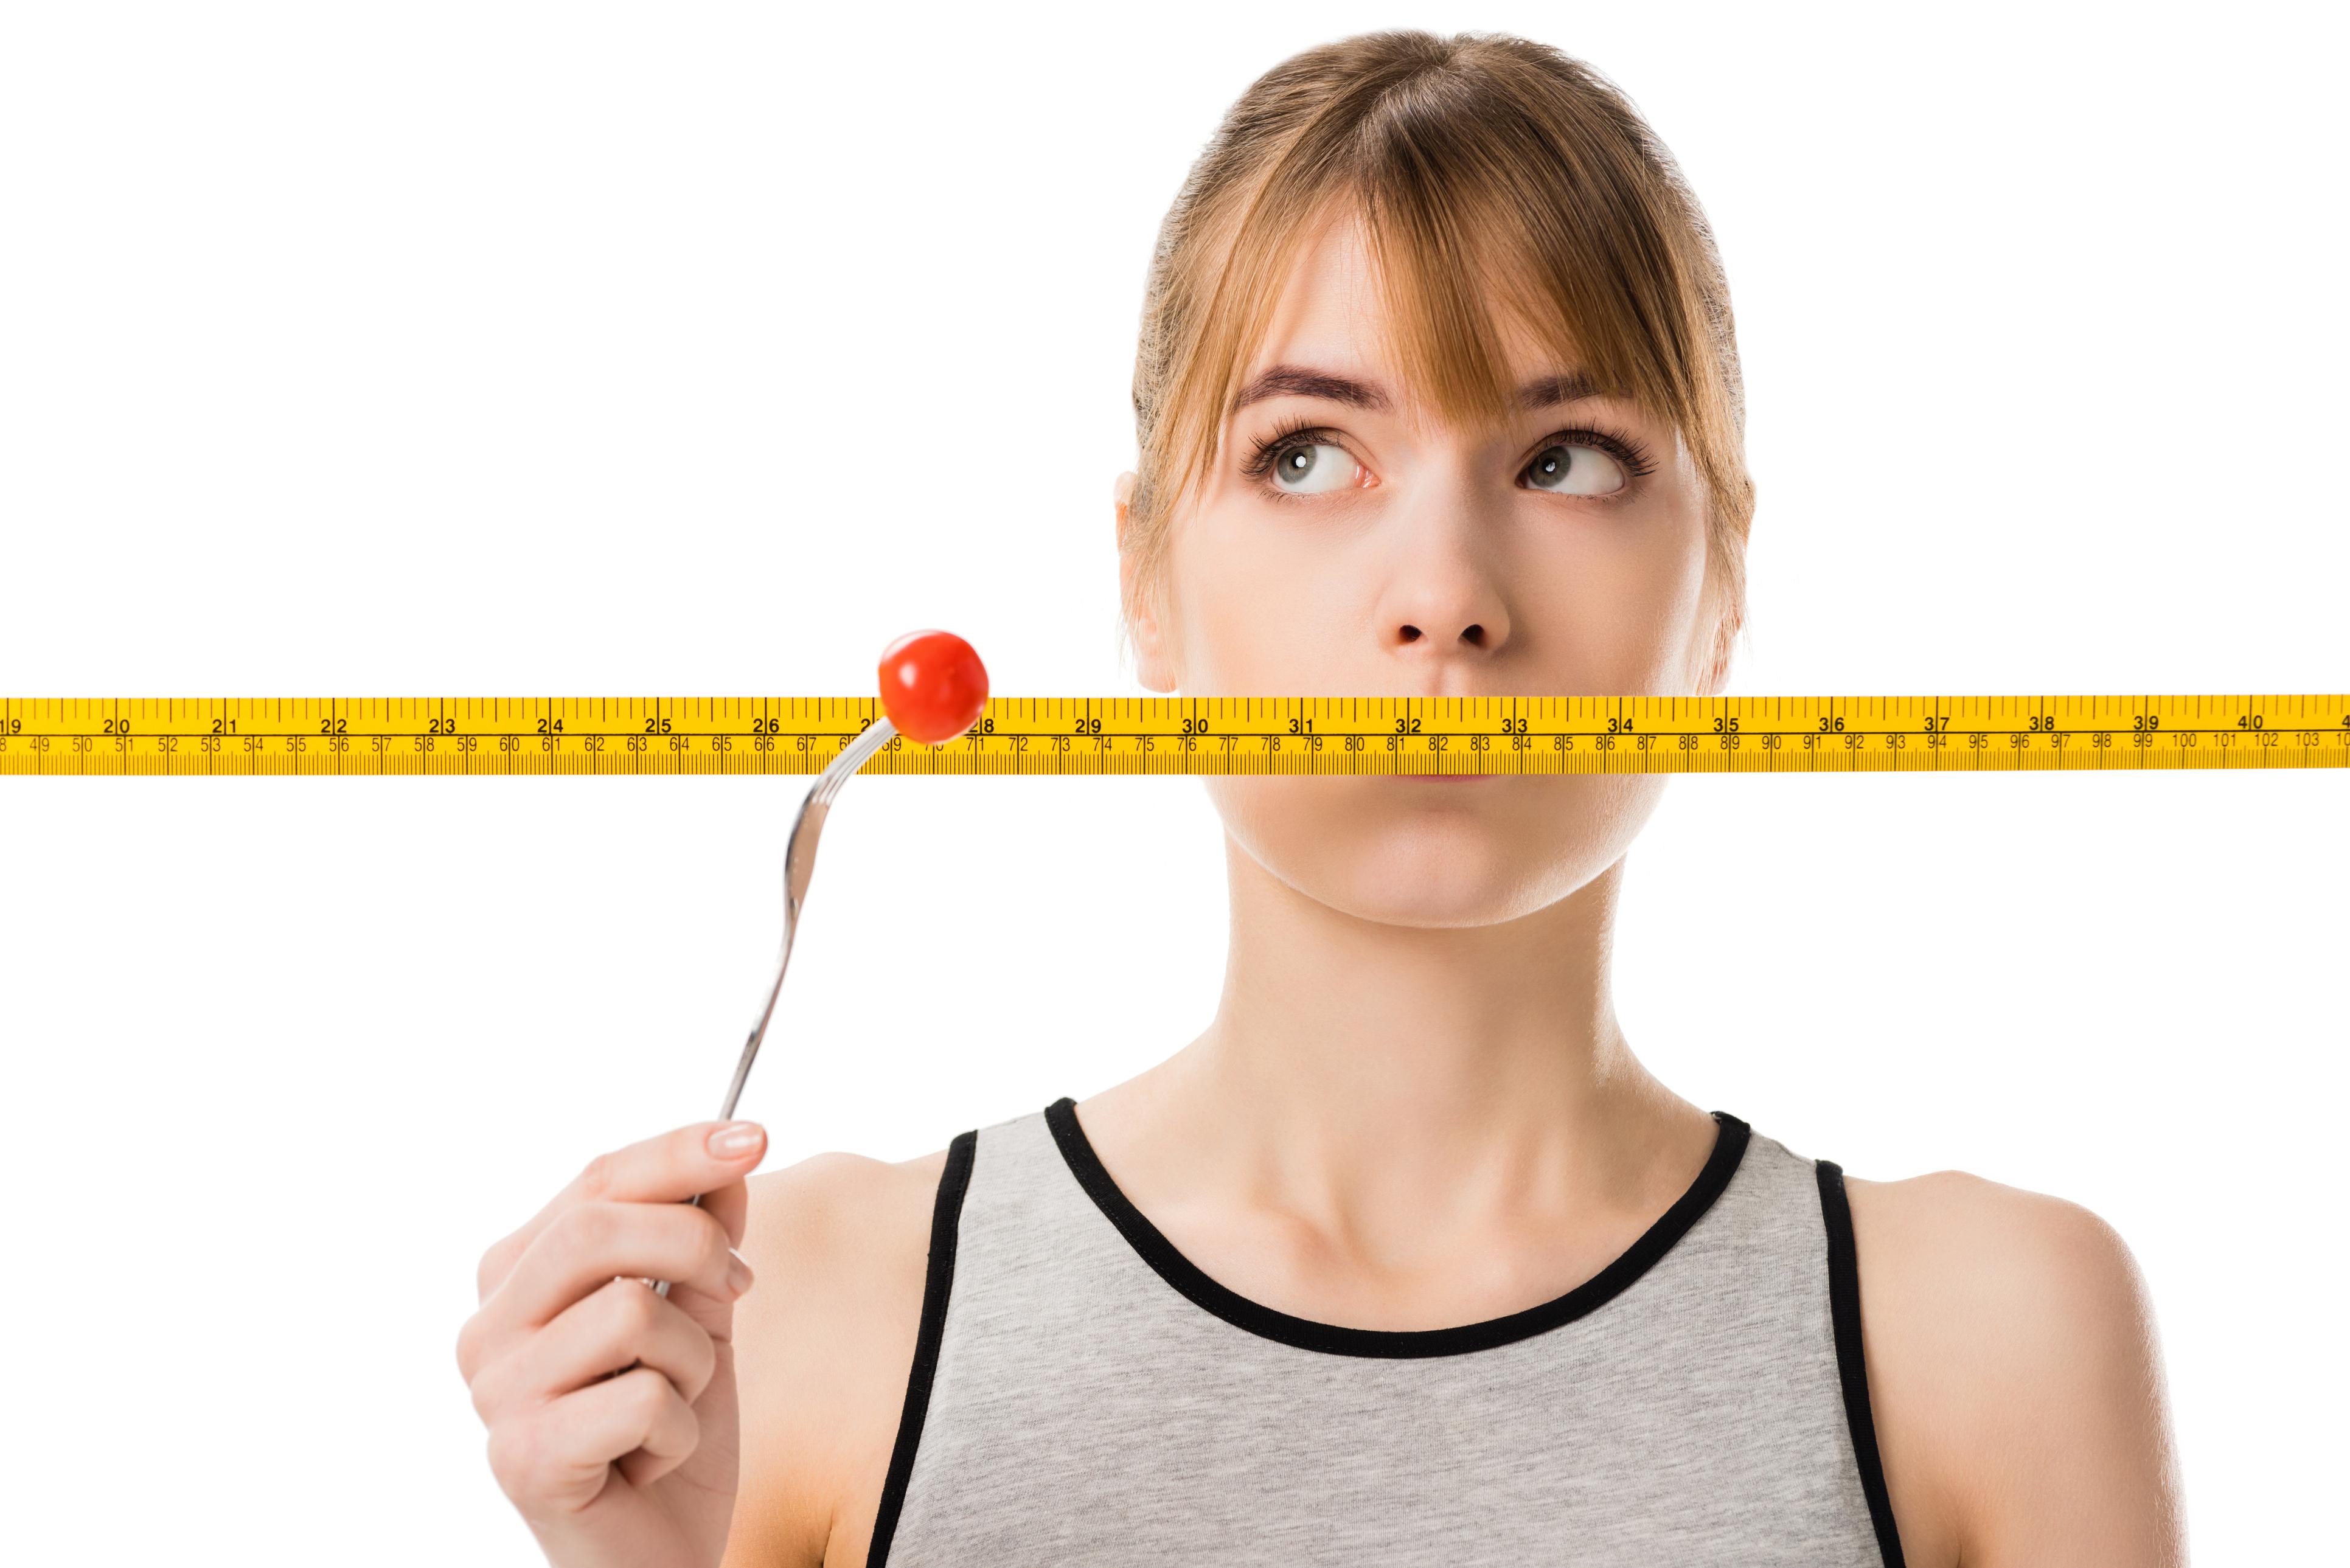 Новые Правила Похудения. Золотые правила похудения, которые реально работают